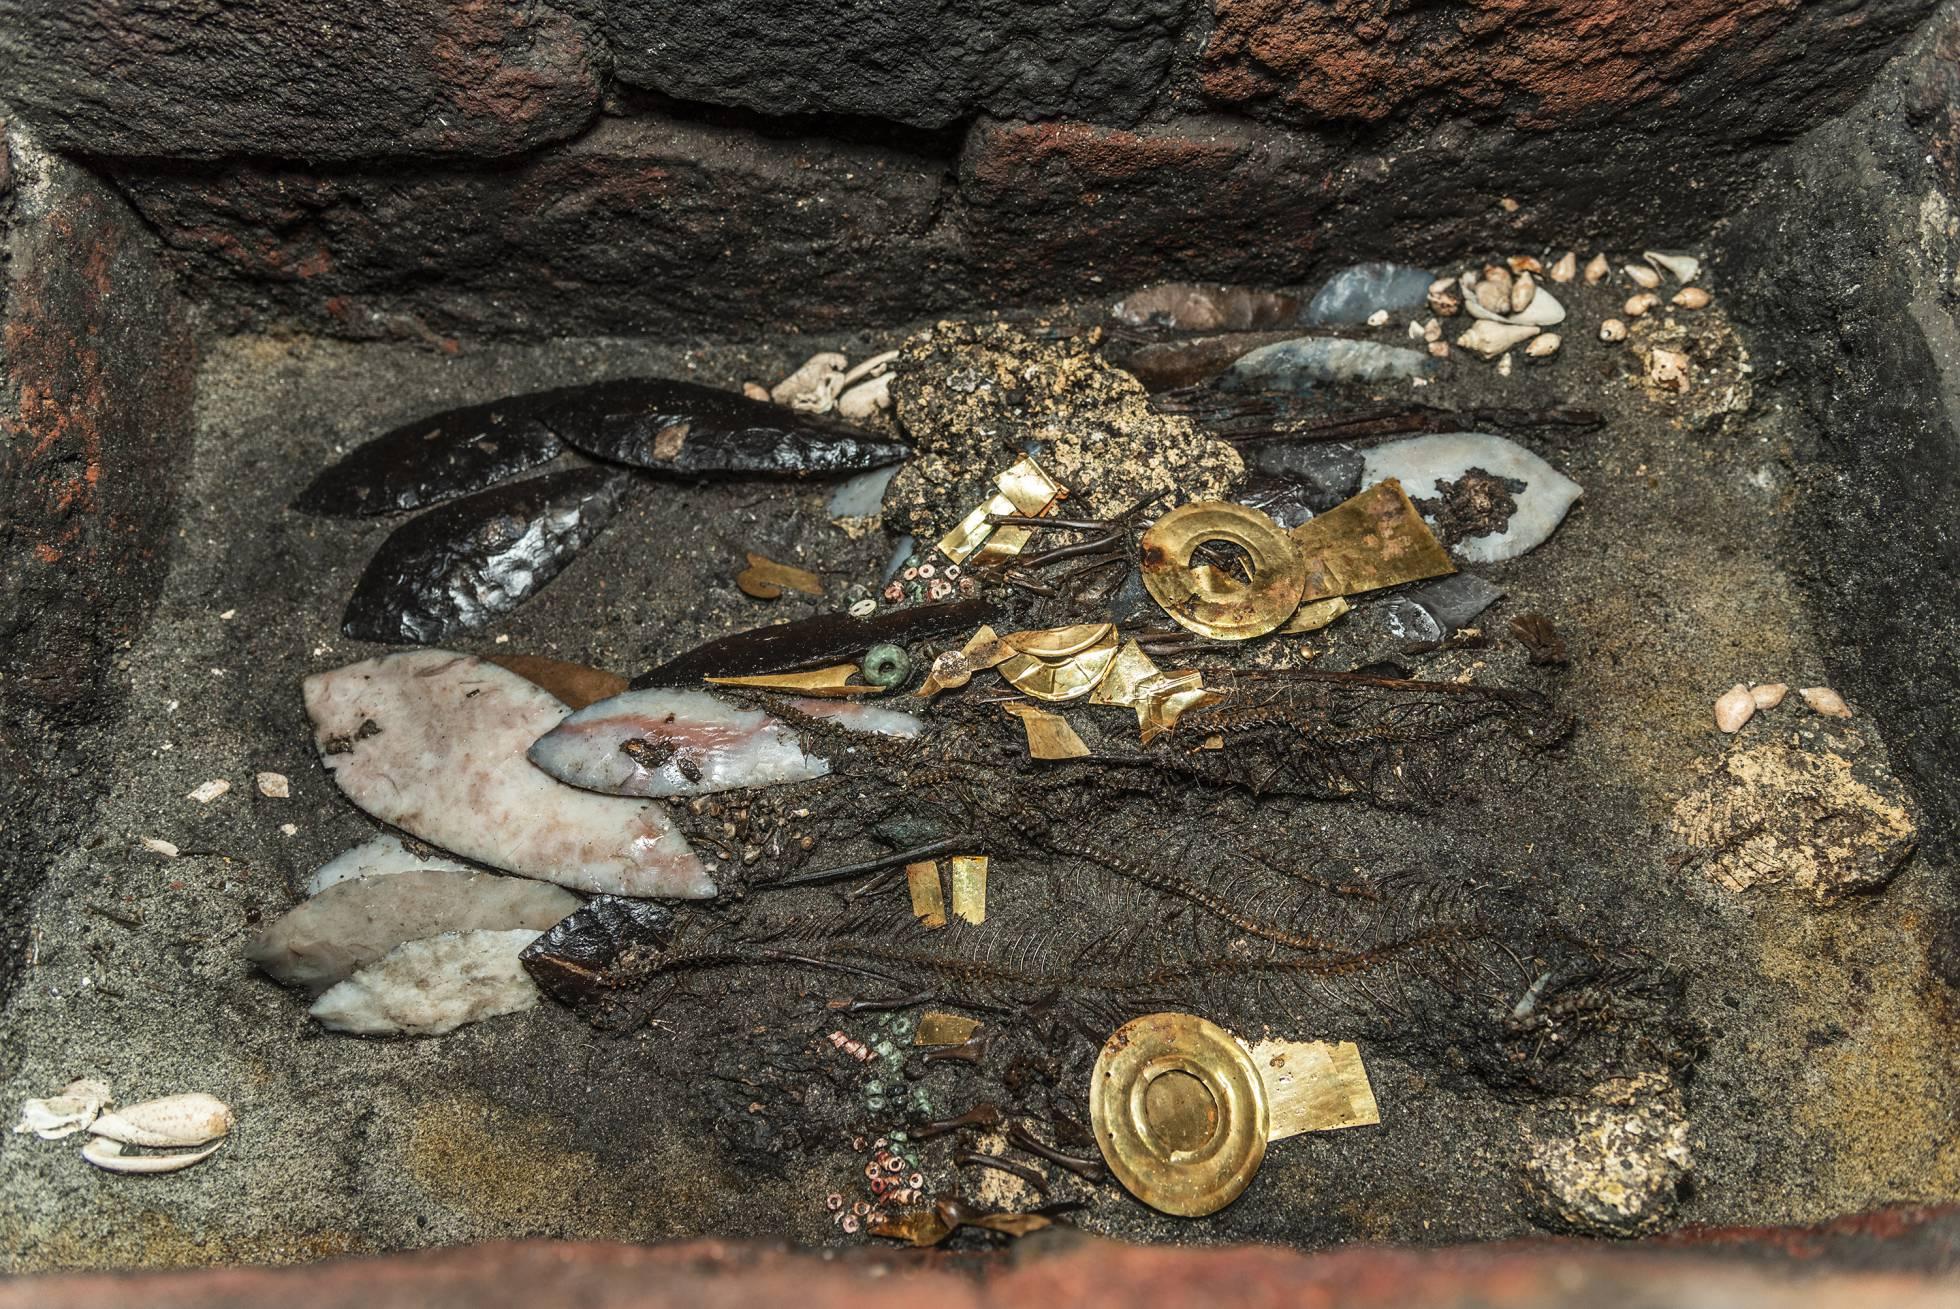 Aves con oro y collares, la ofrenda hallada en el Templo Mayor de México a la espera de los líderes aztecas